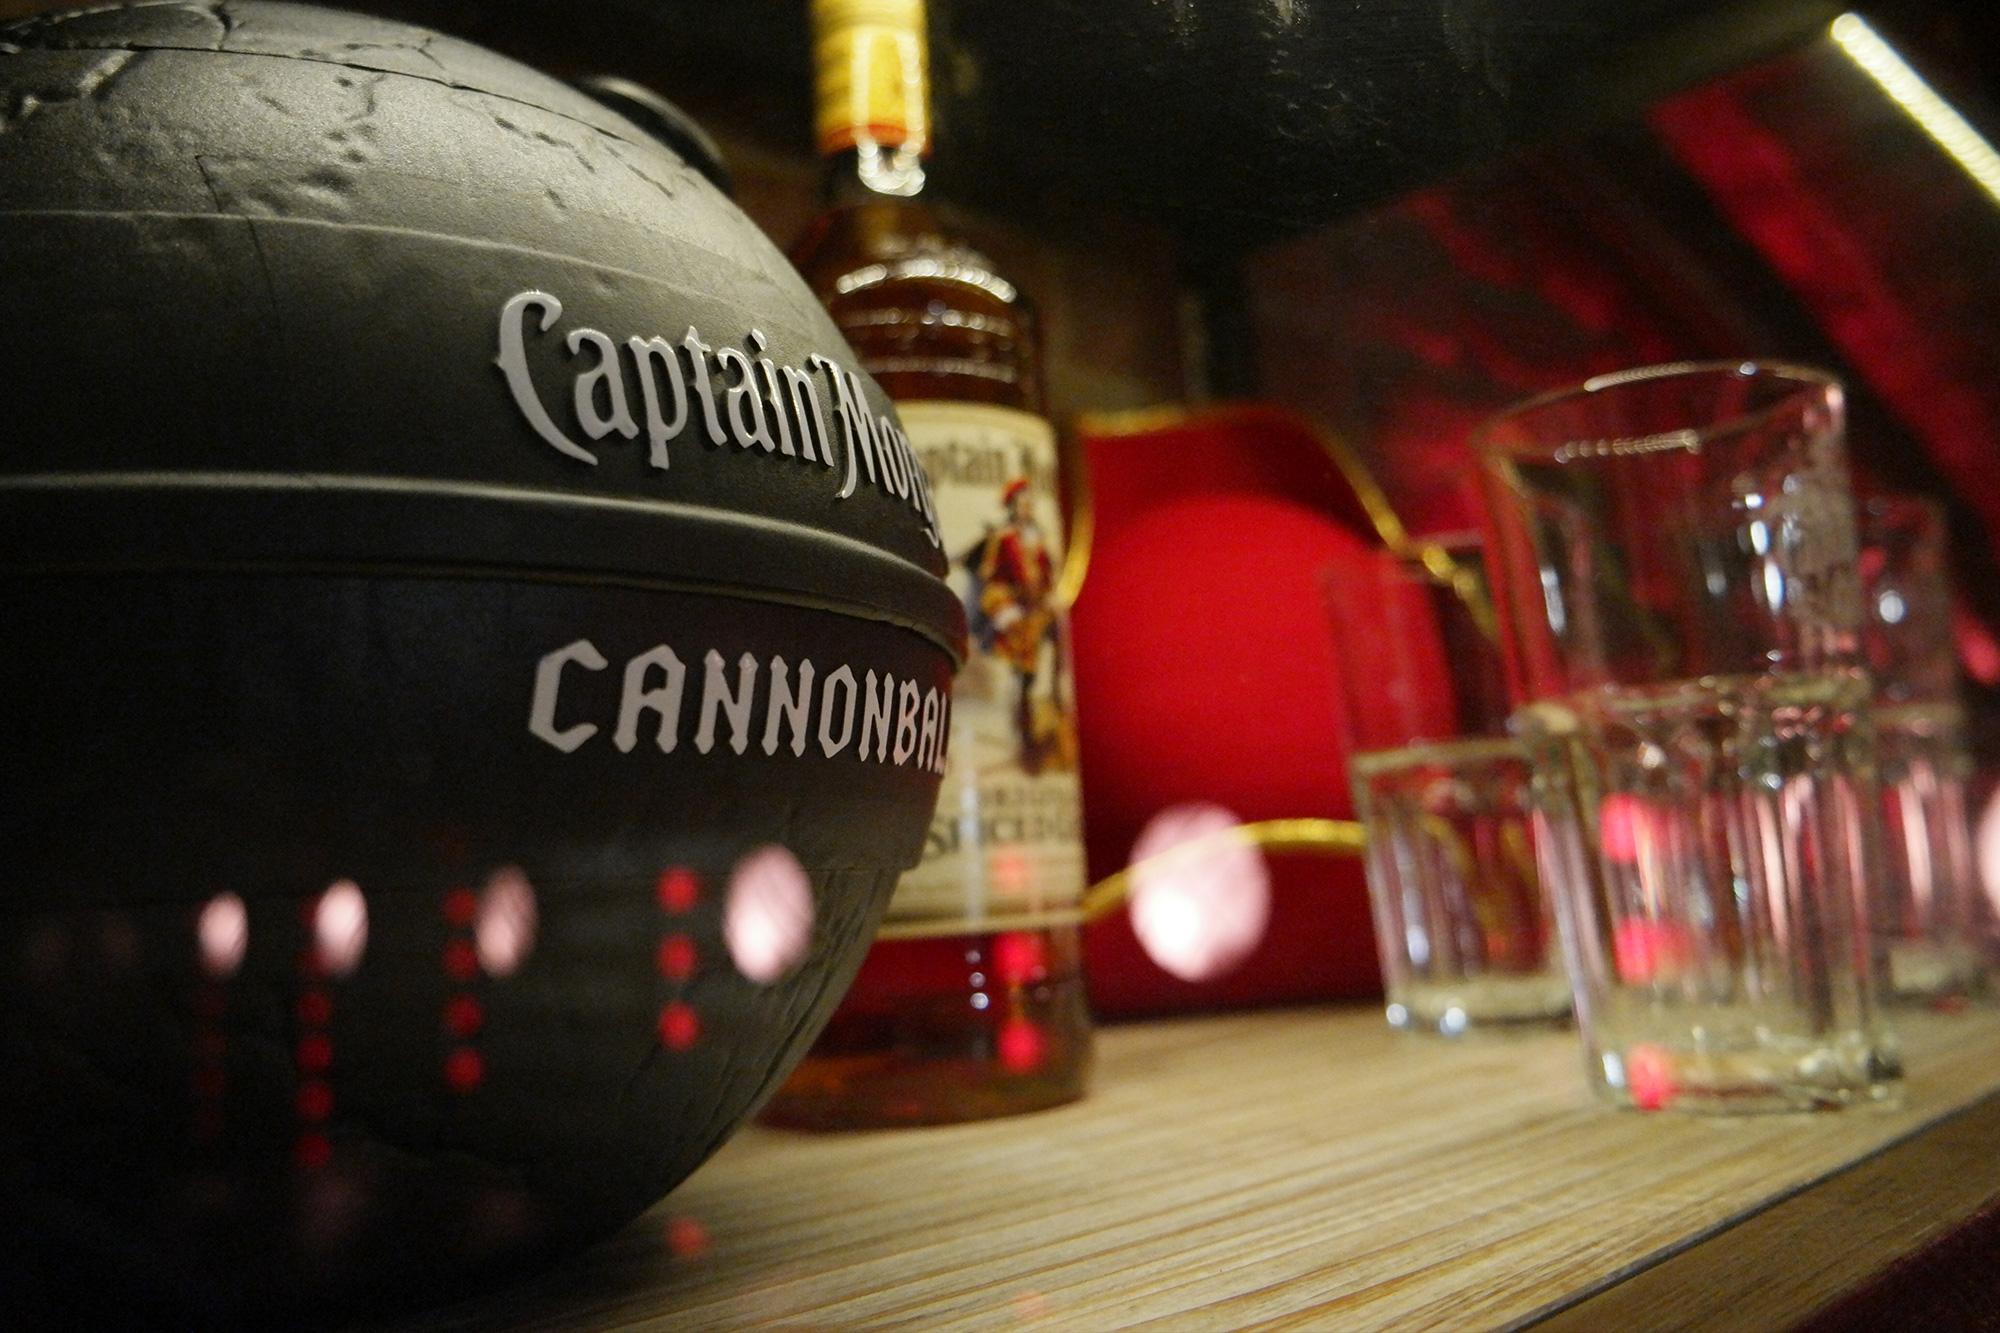 Captain Morgan Lounge Roonburg Design Stil Manipulation 2015